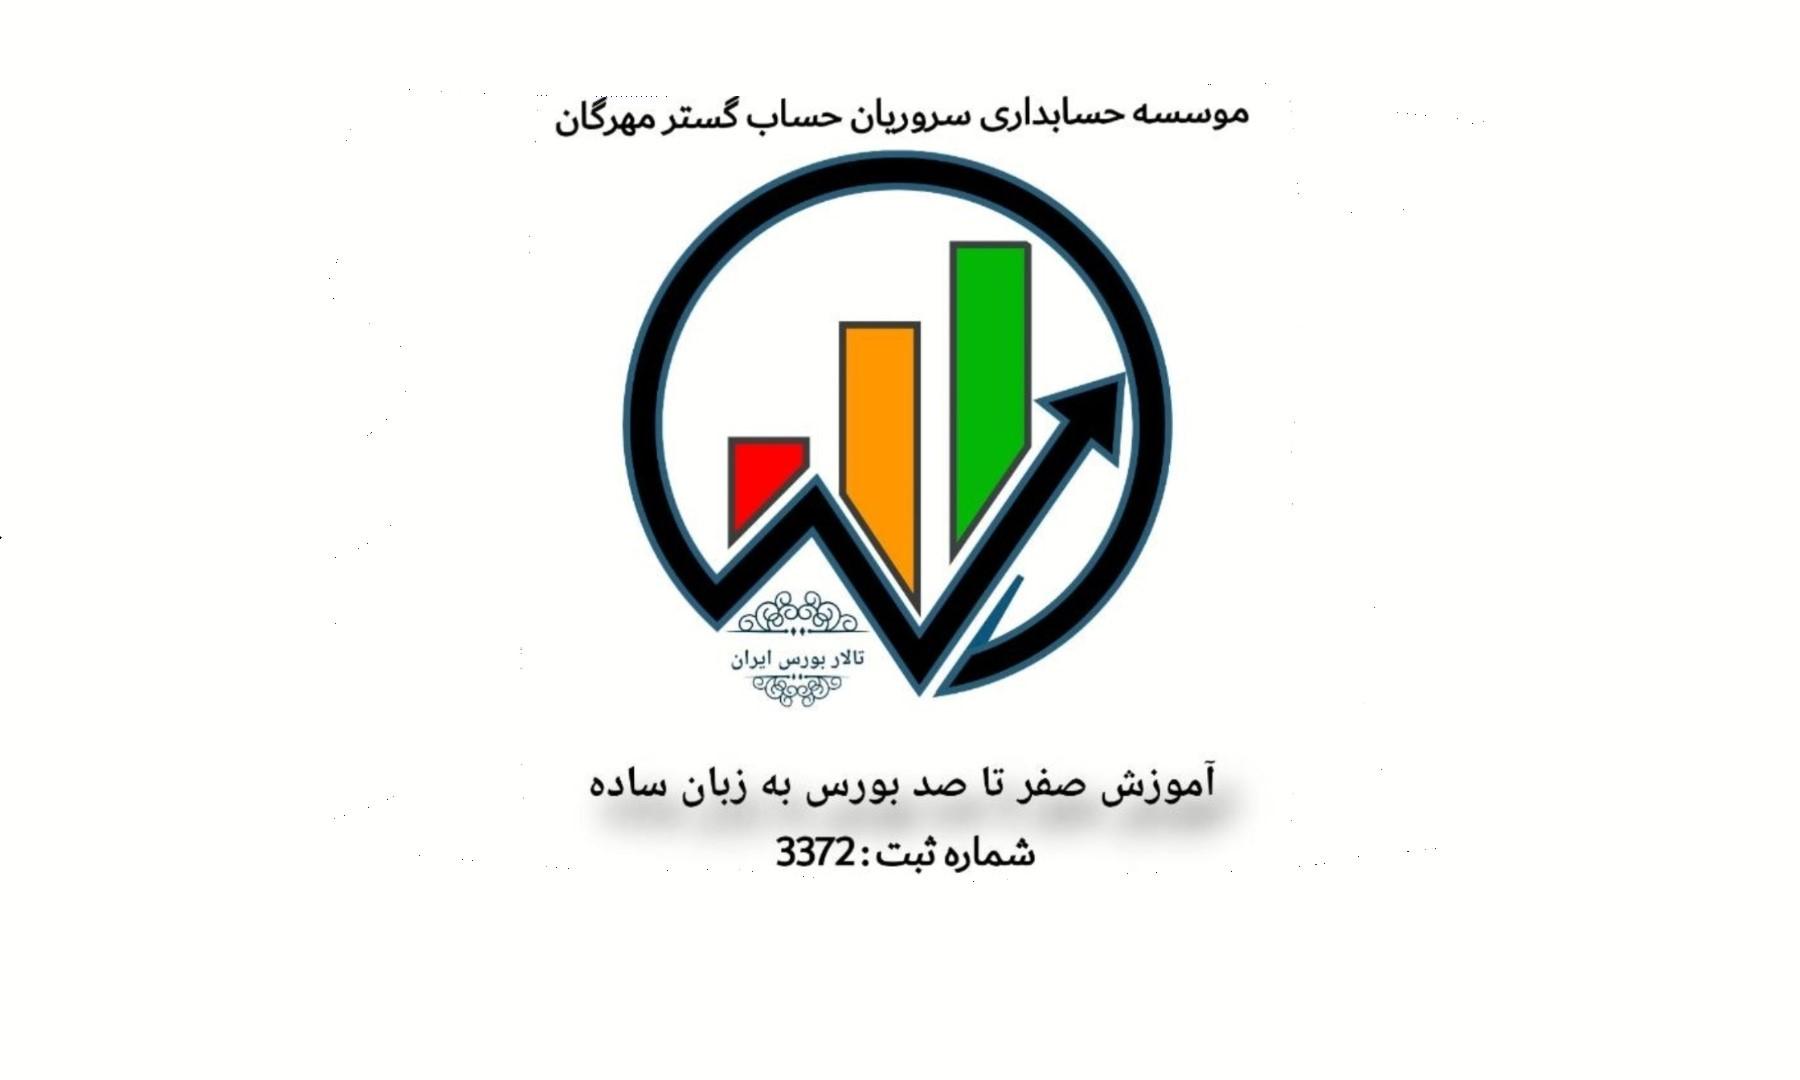 ثبت نام آنلاین دوره    آکادمی تالار بورس ایران ( محمد حسین سروریان )